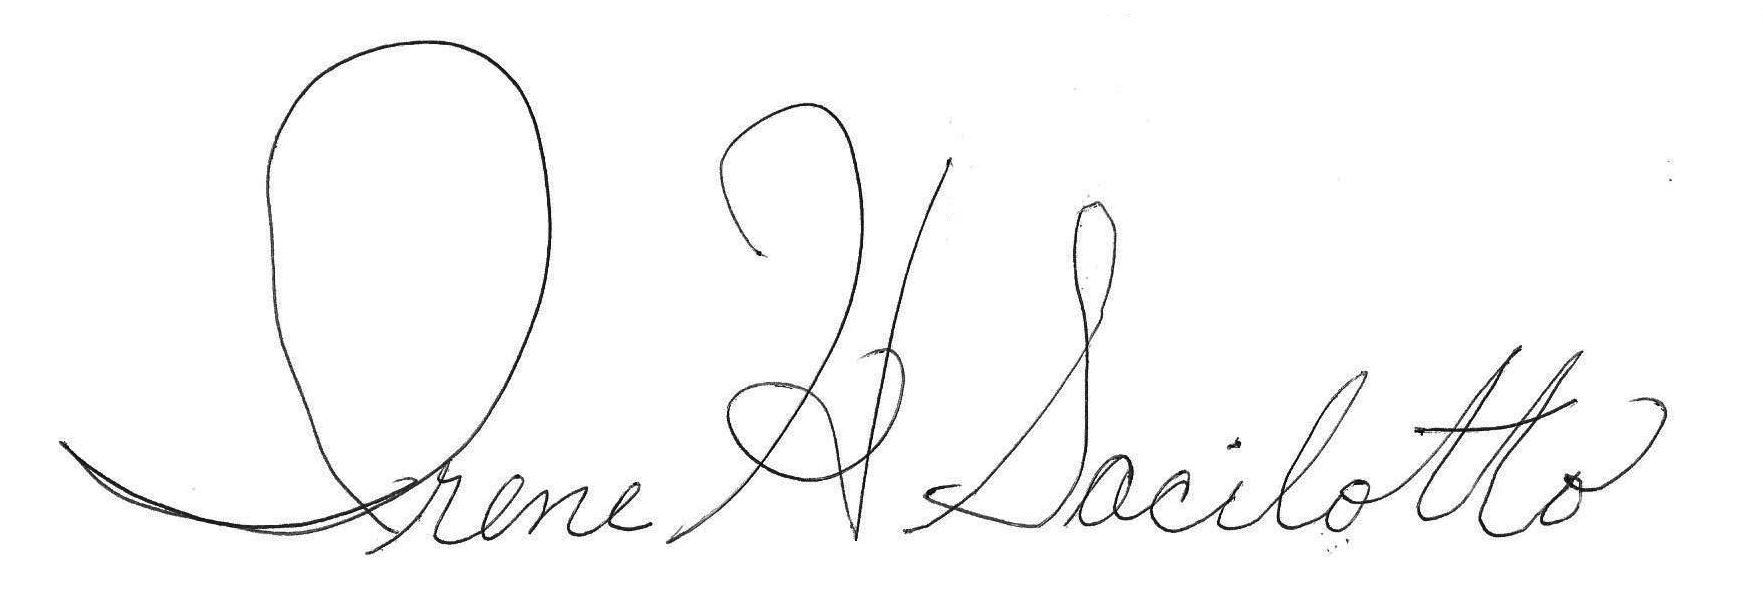 Irene Sacilotto Signature